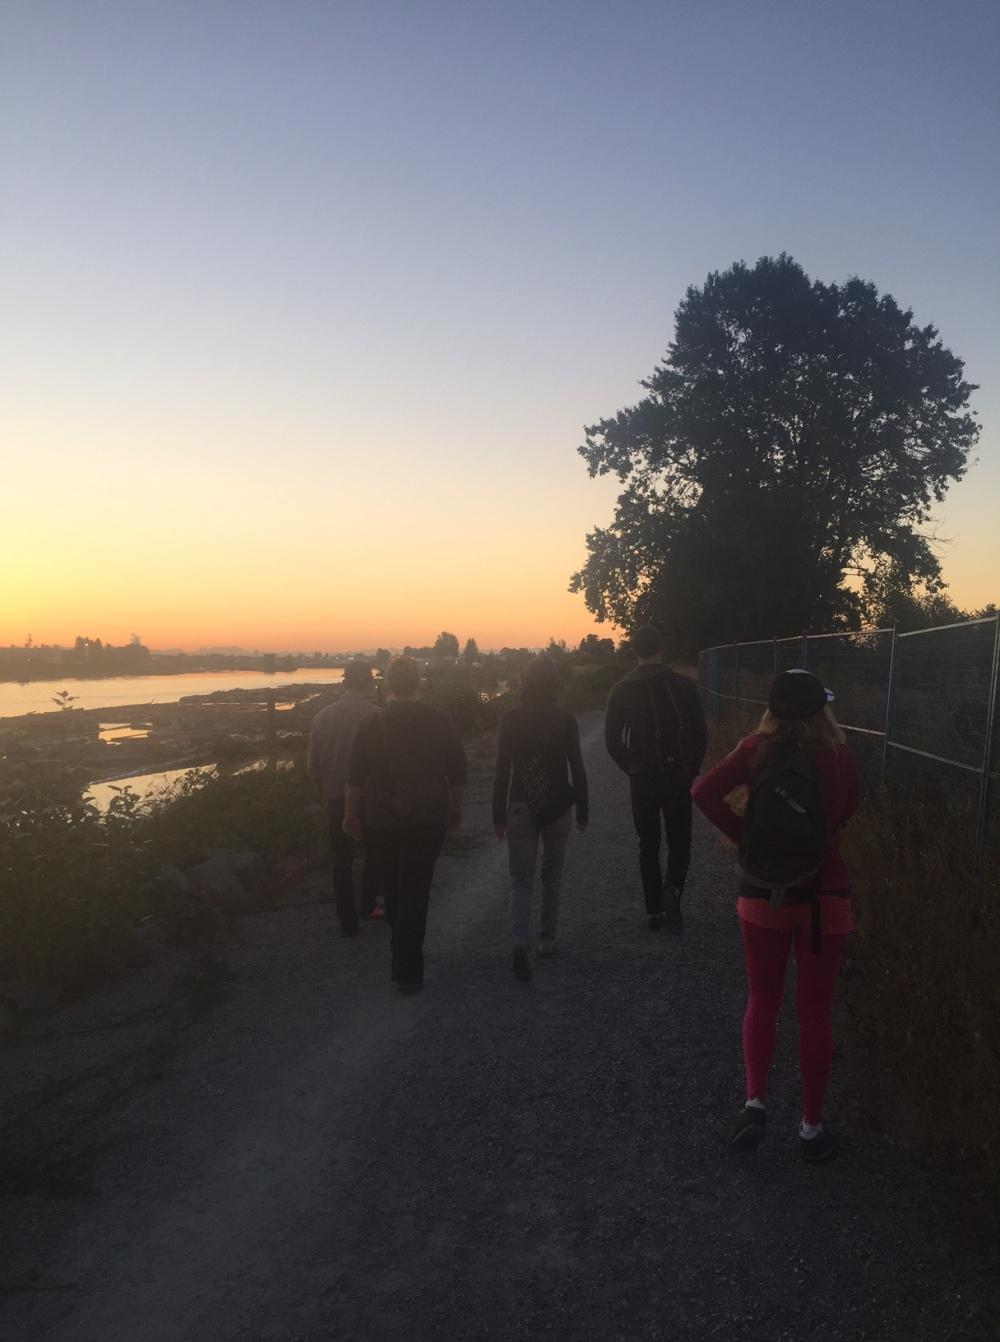 Dawn walking